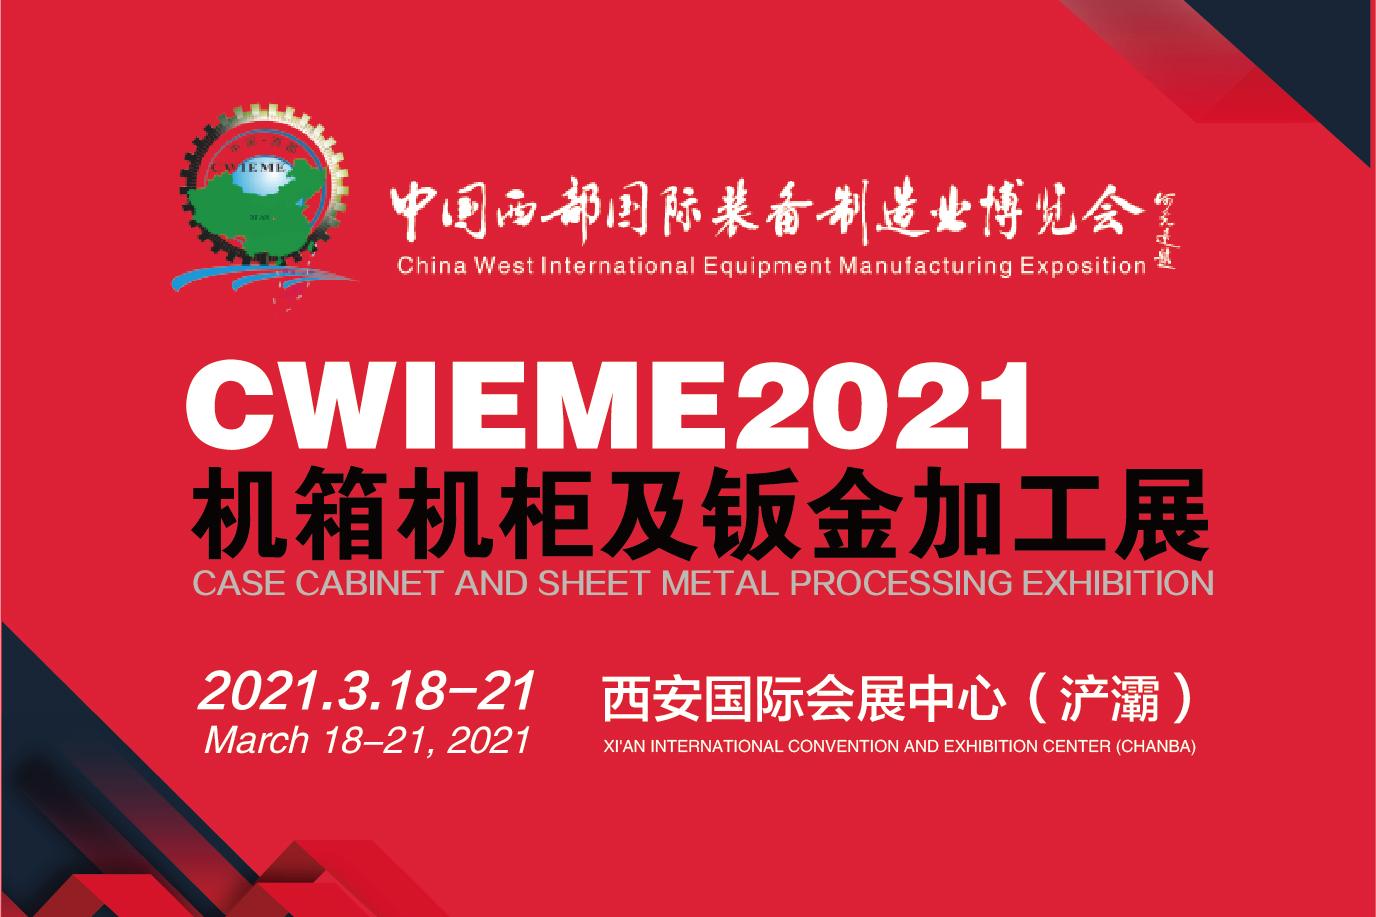 2021第29届中国西部国际装备制造业博览会